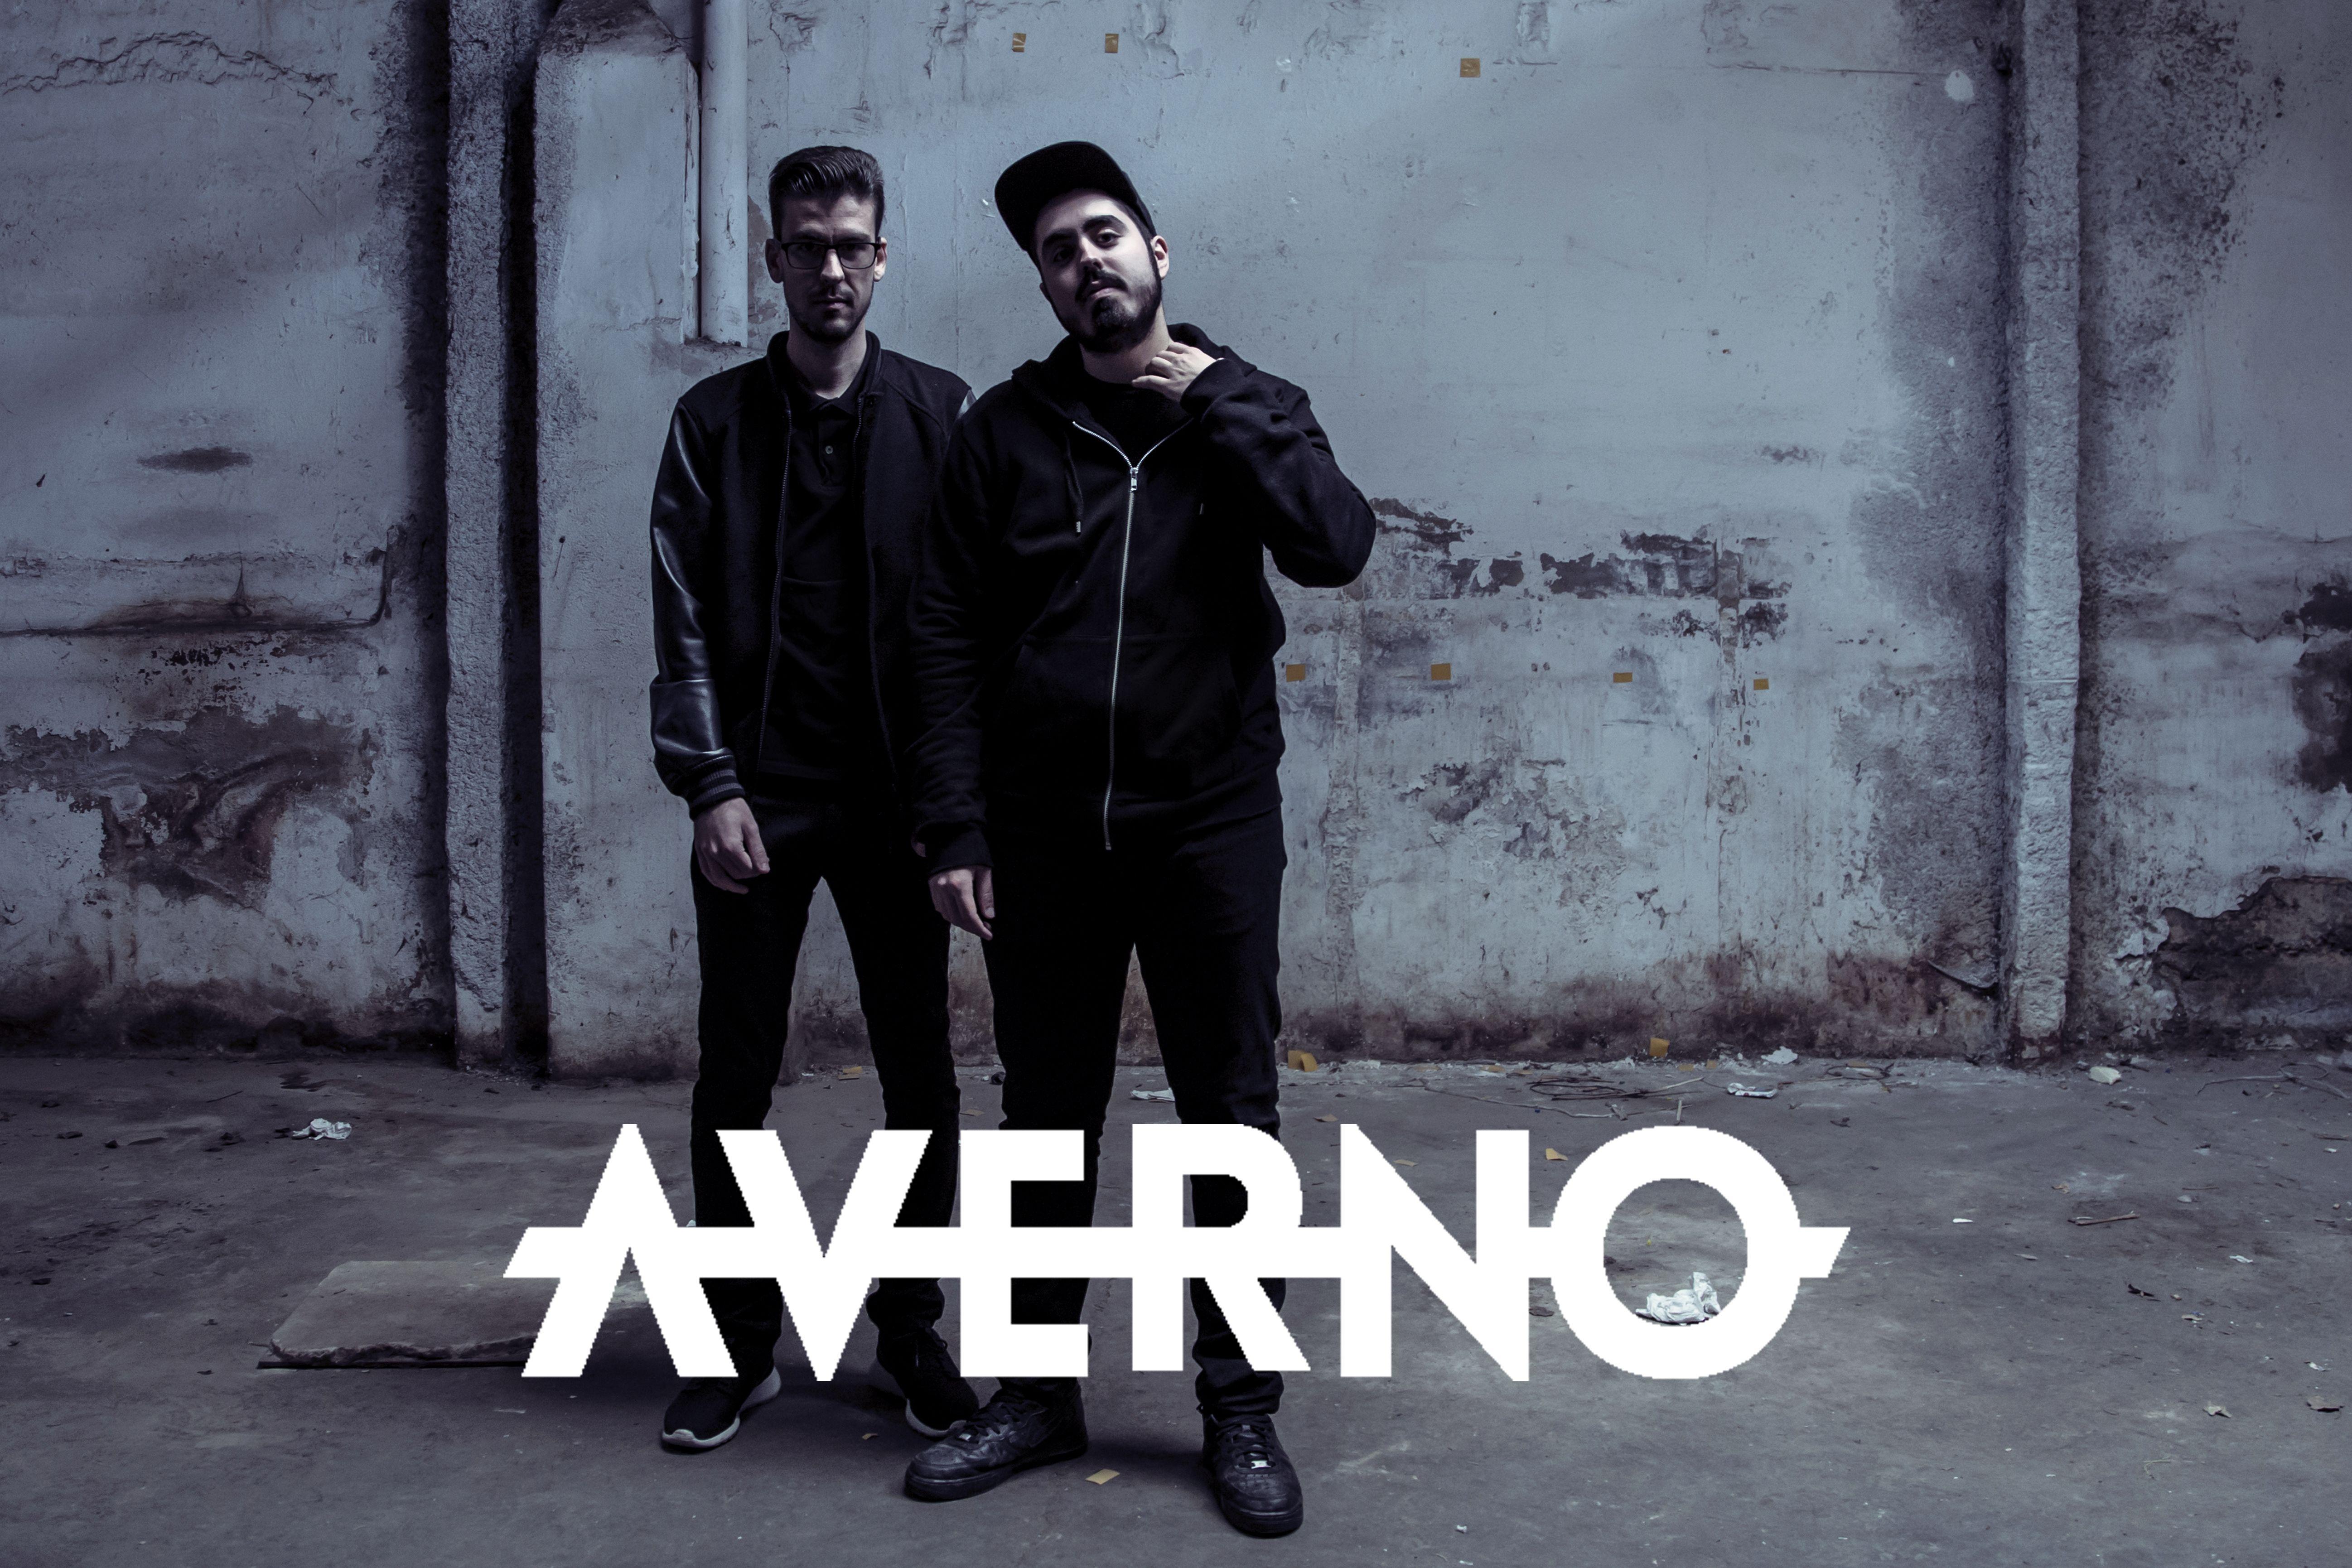 Averno-Música-Entrevista-Techno-Electrónica-Cabezas-Cortadas